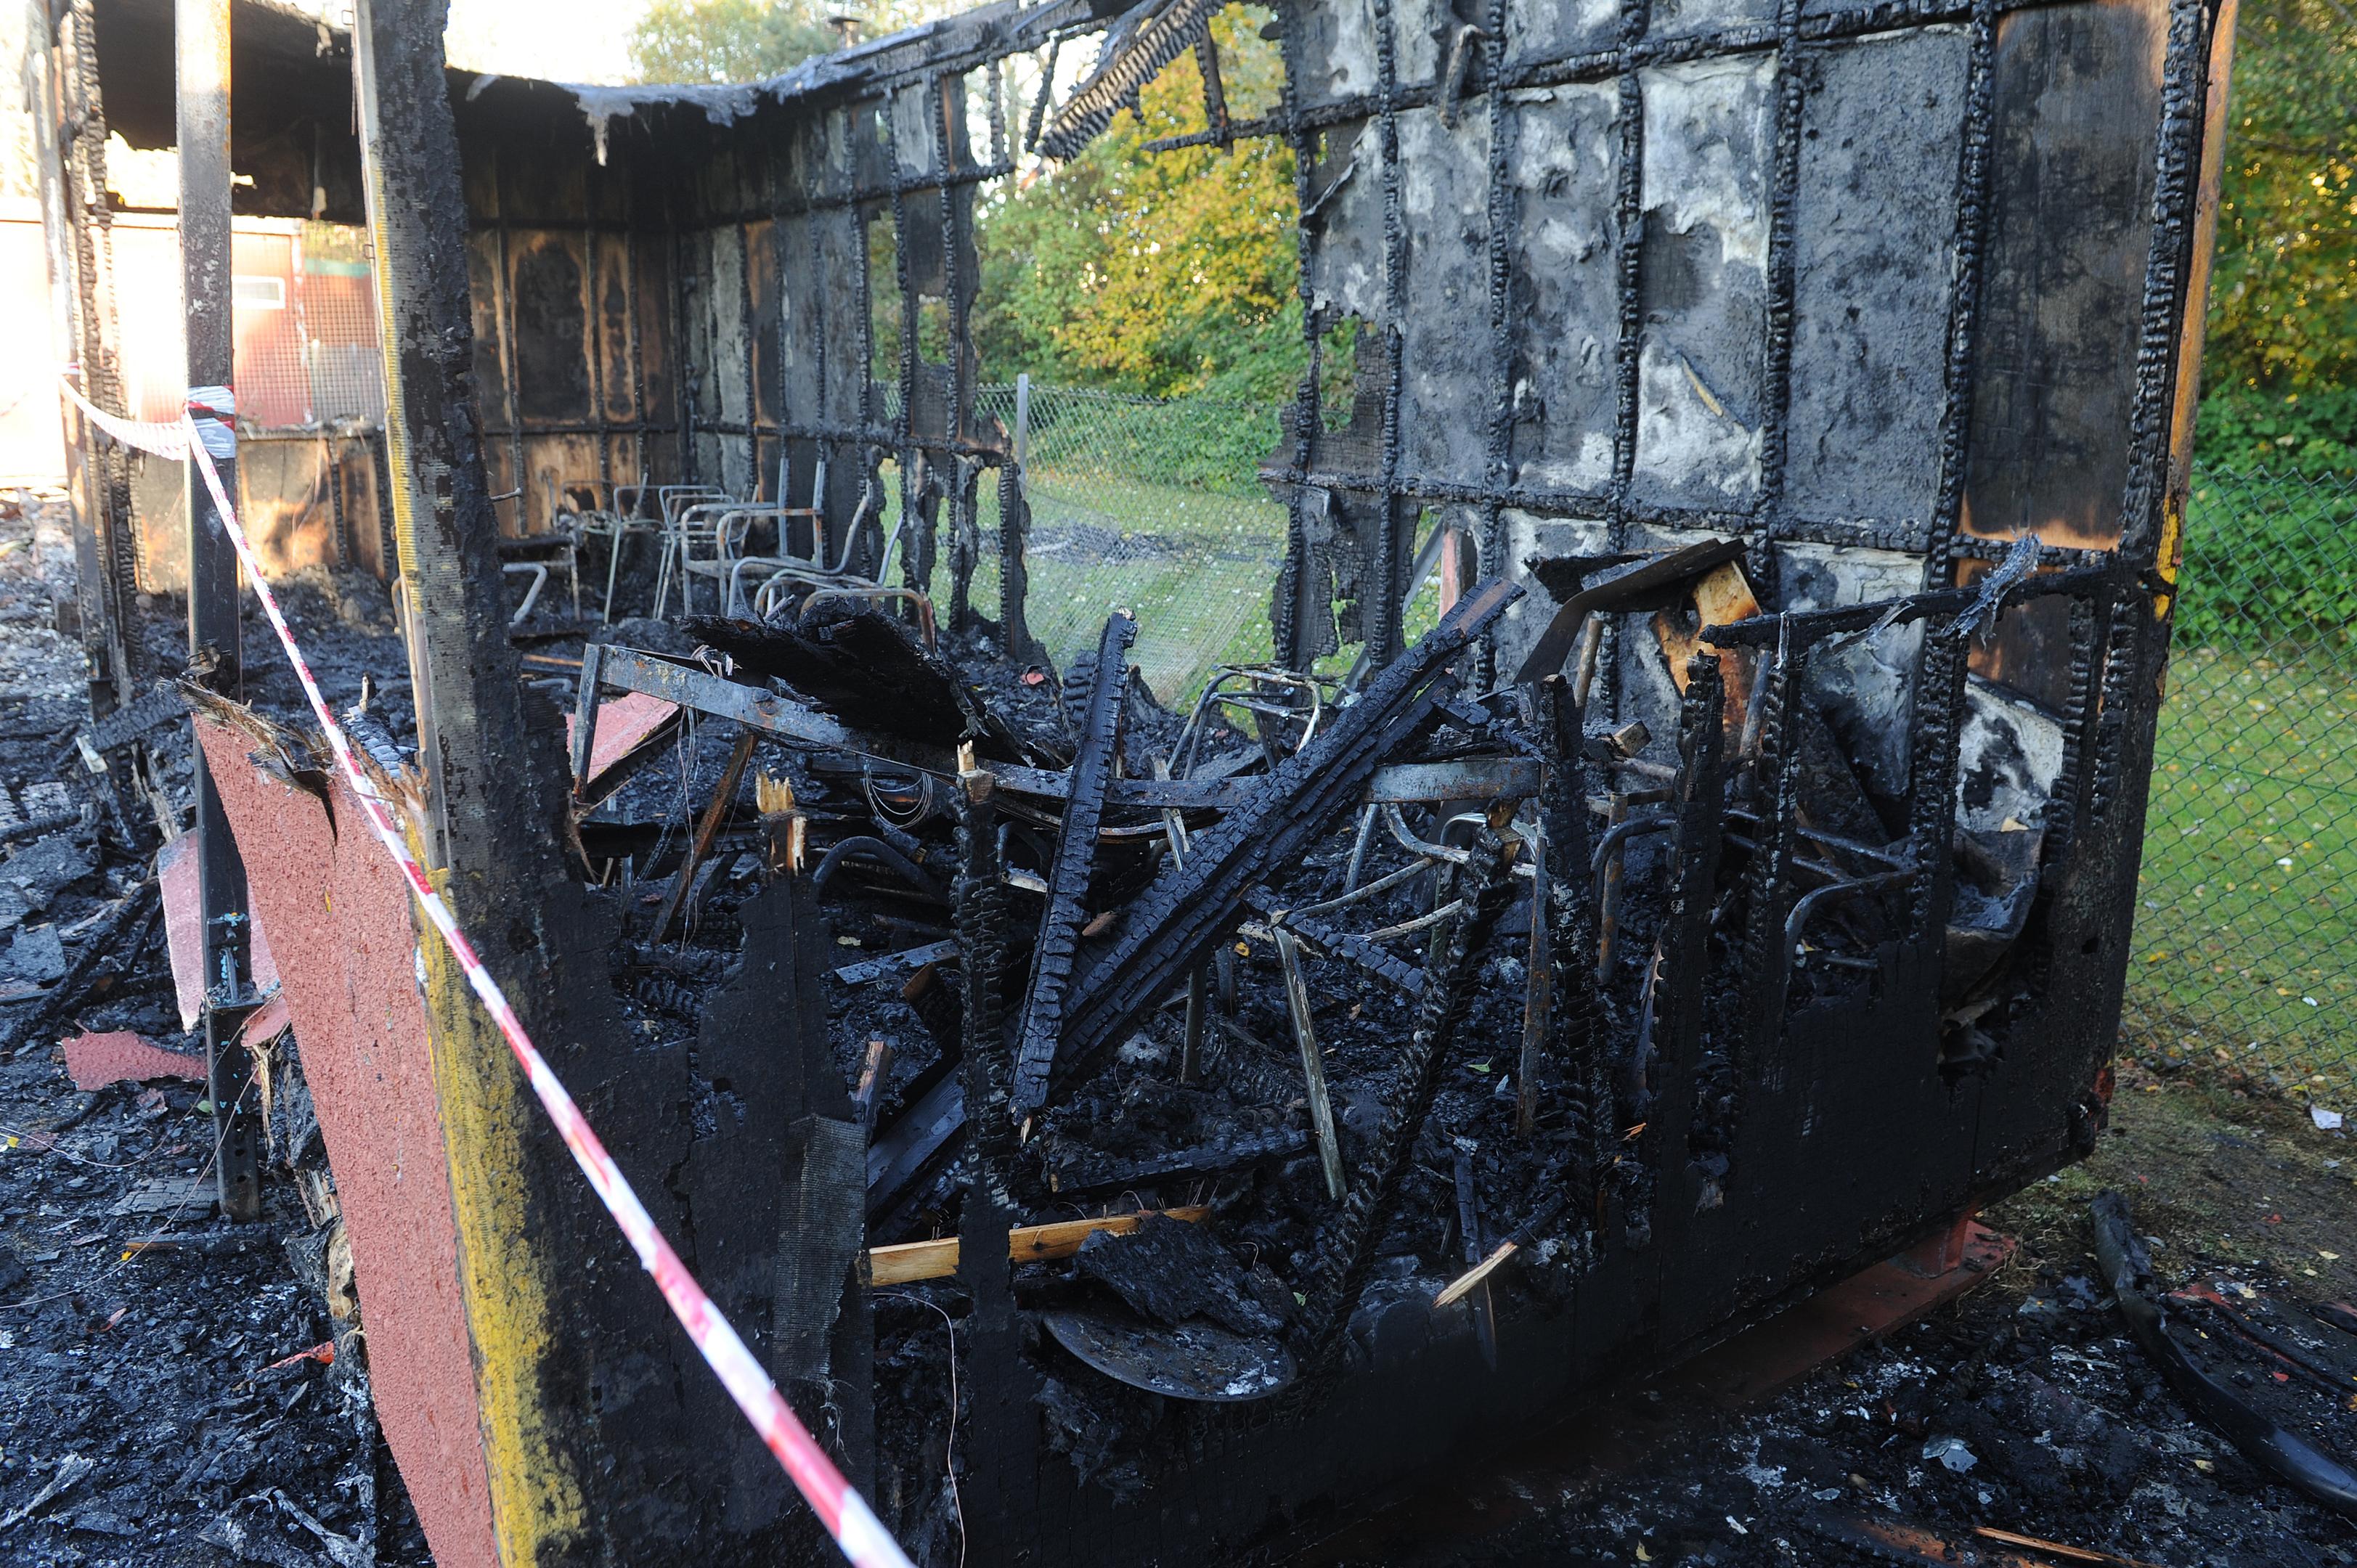 The scene at Denfield Park, Denburn Road, Kirkcaldy.